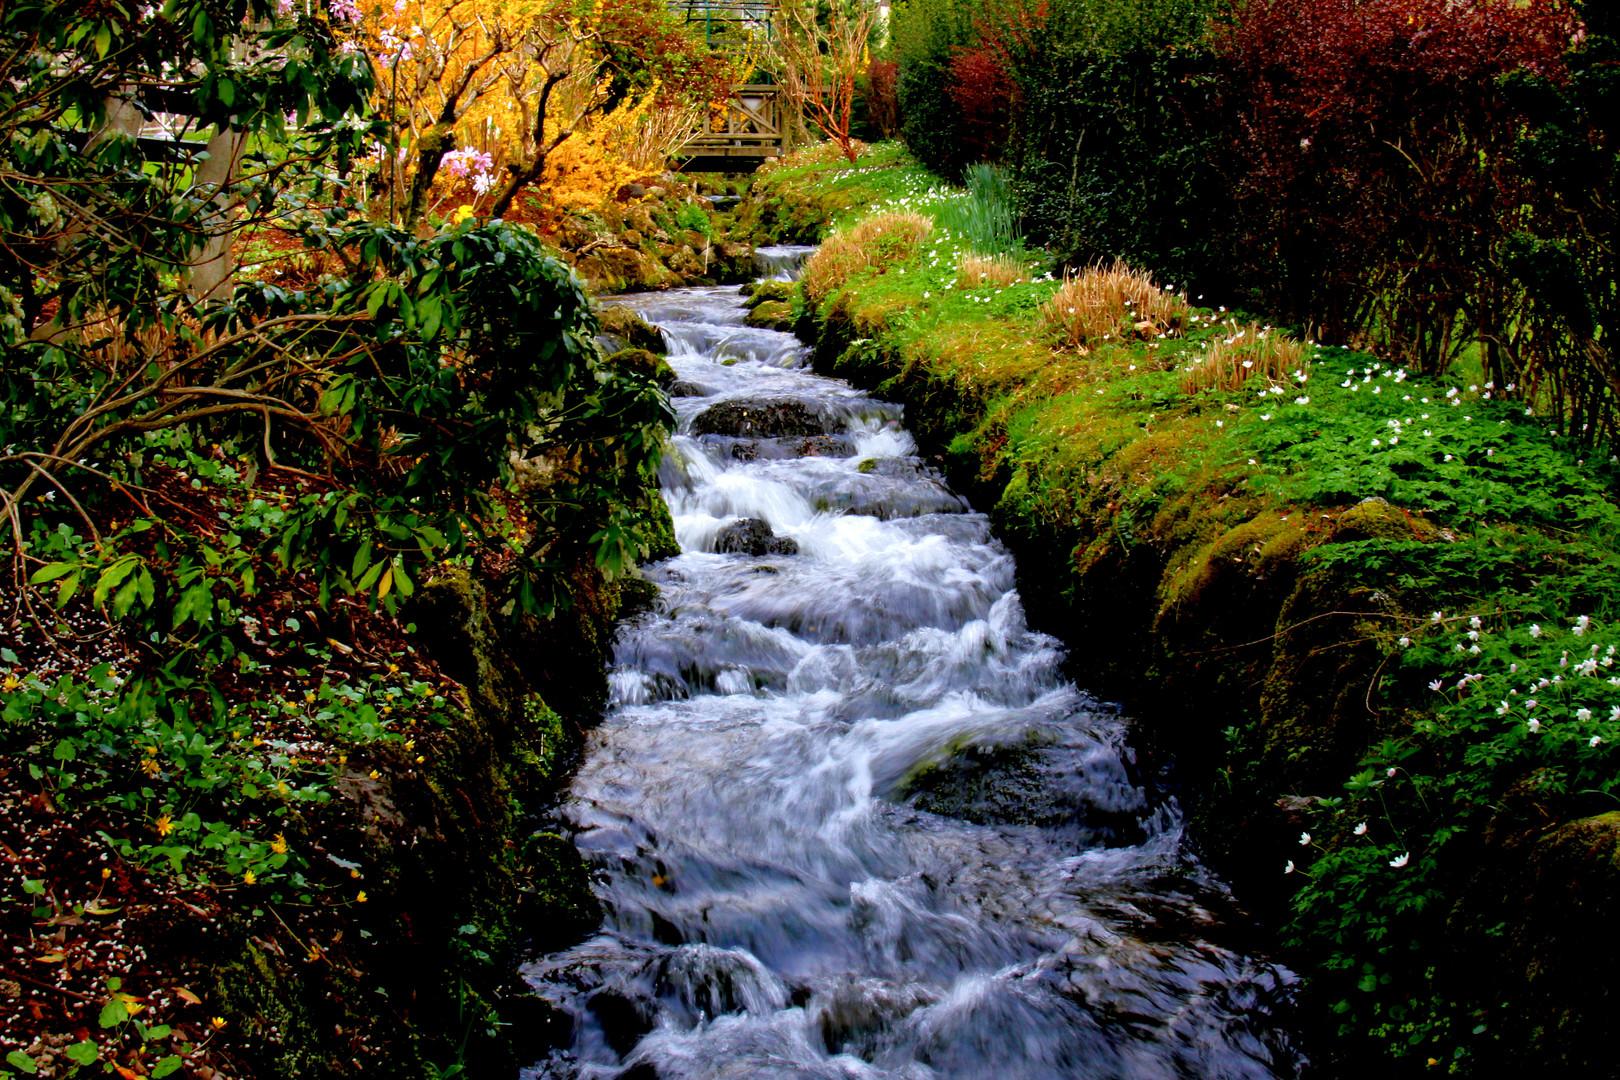 le ruisseau gazouille!